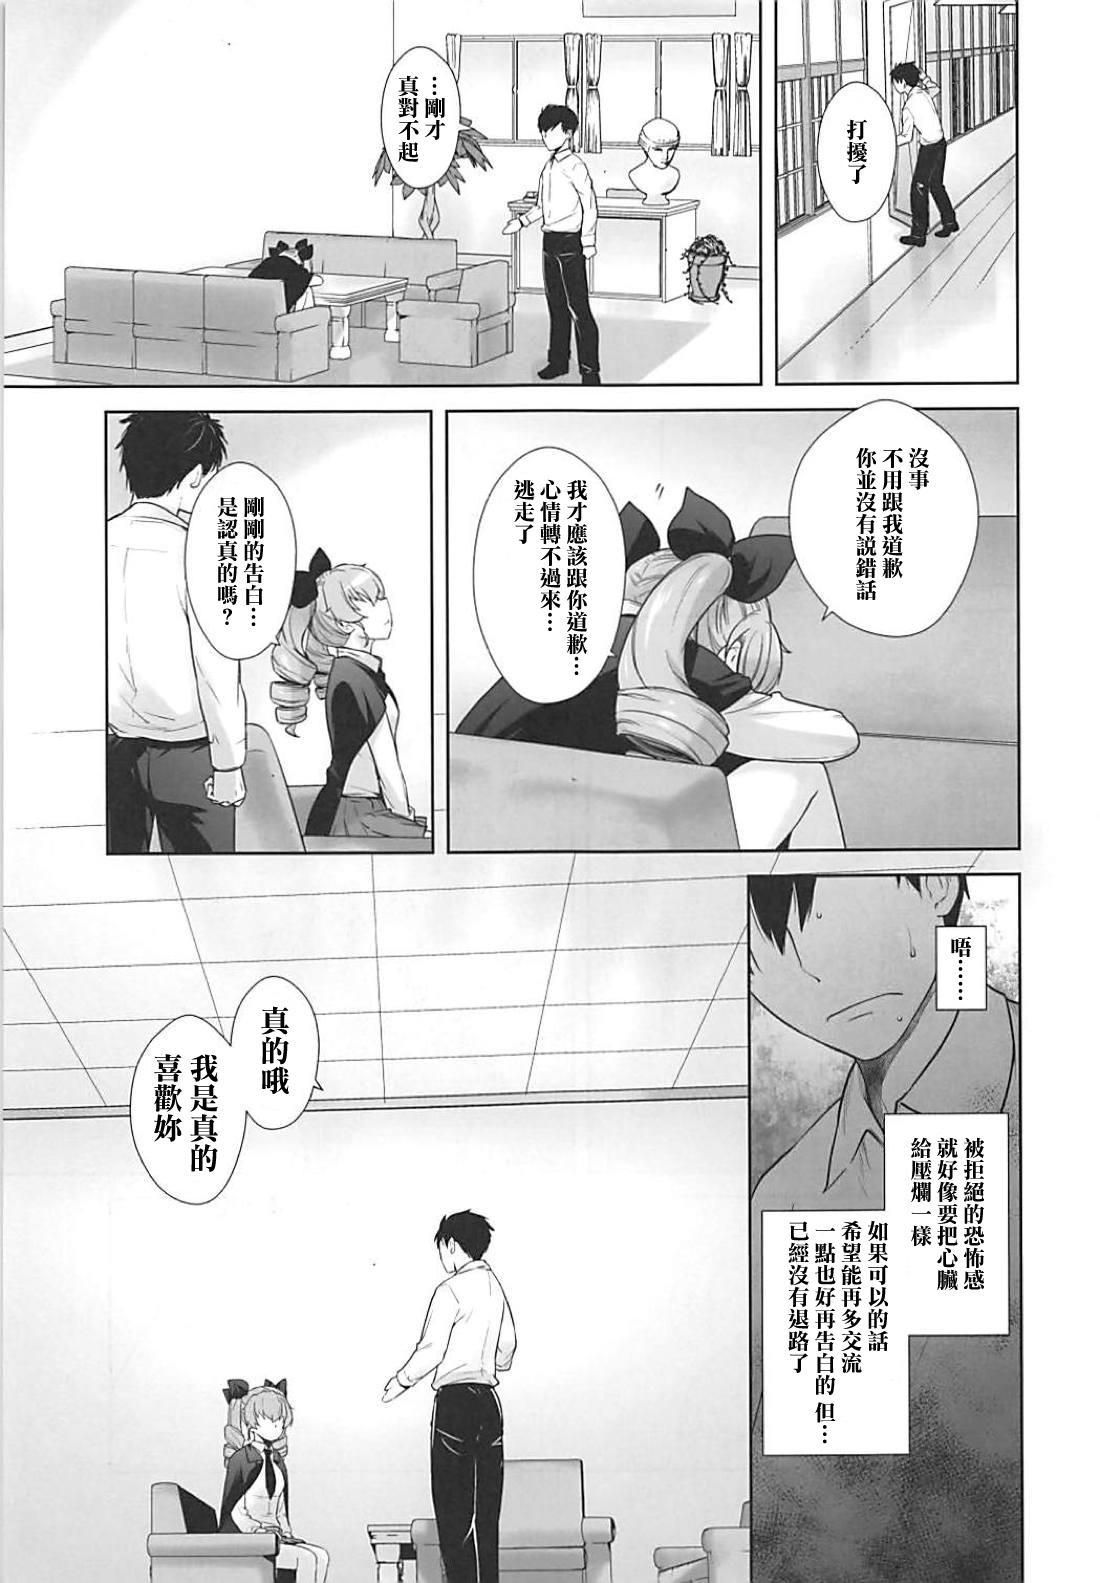 Anata ga Anchovy o Shiawase ni Suru Hon 13